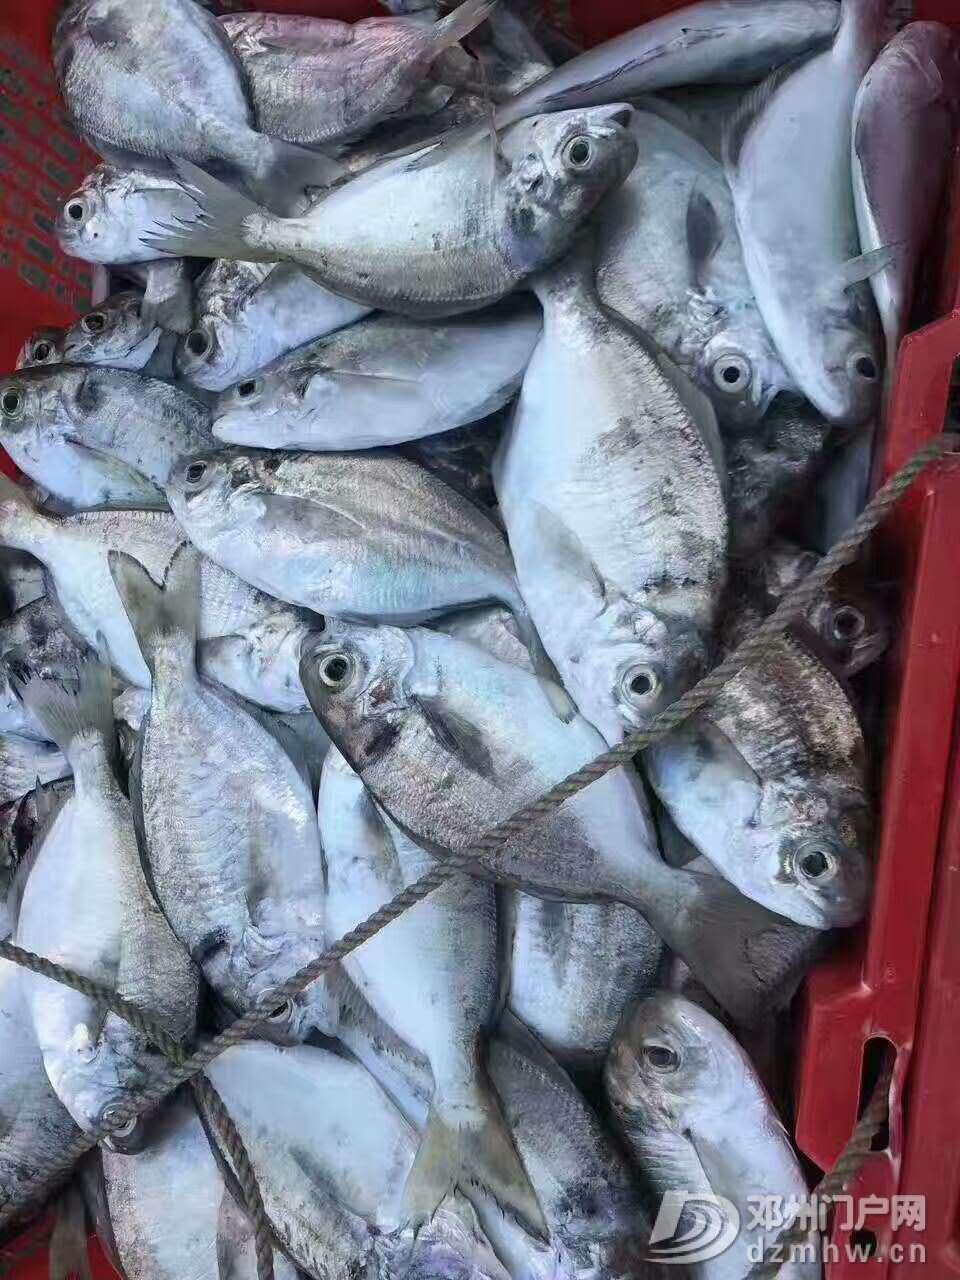 出售野生海鲜,各种天然鱼虾蟹都有 - 邓州门户网|邓州网 - 微信图片_20170618223850.jpg